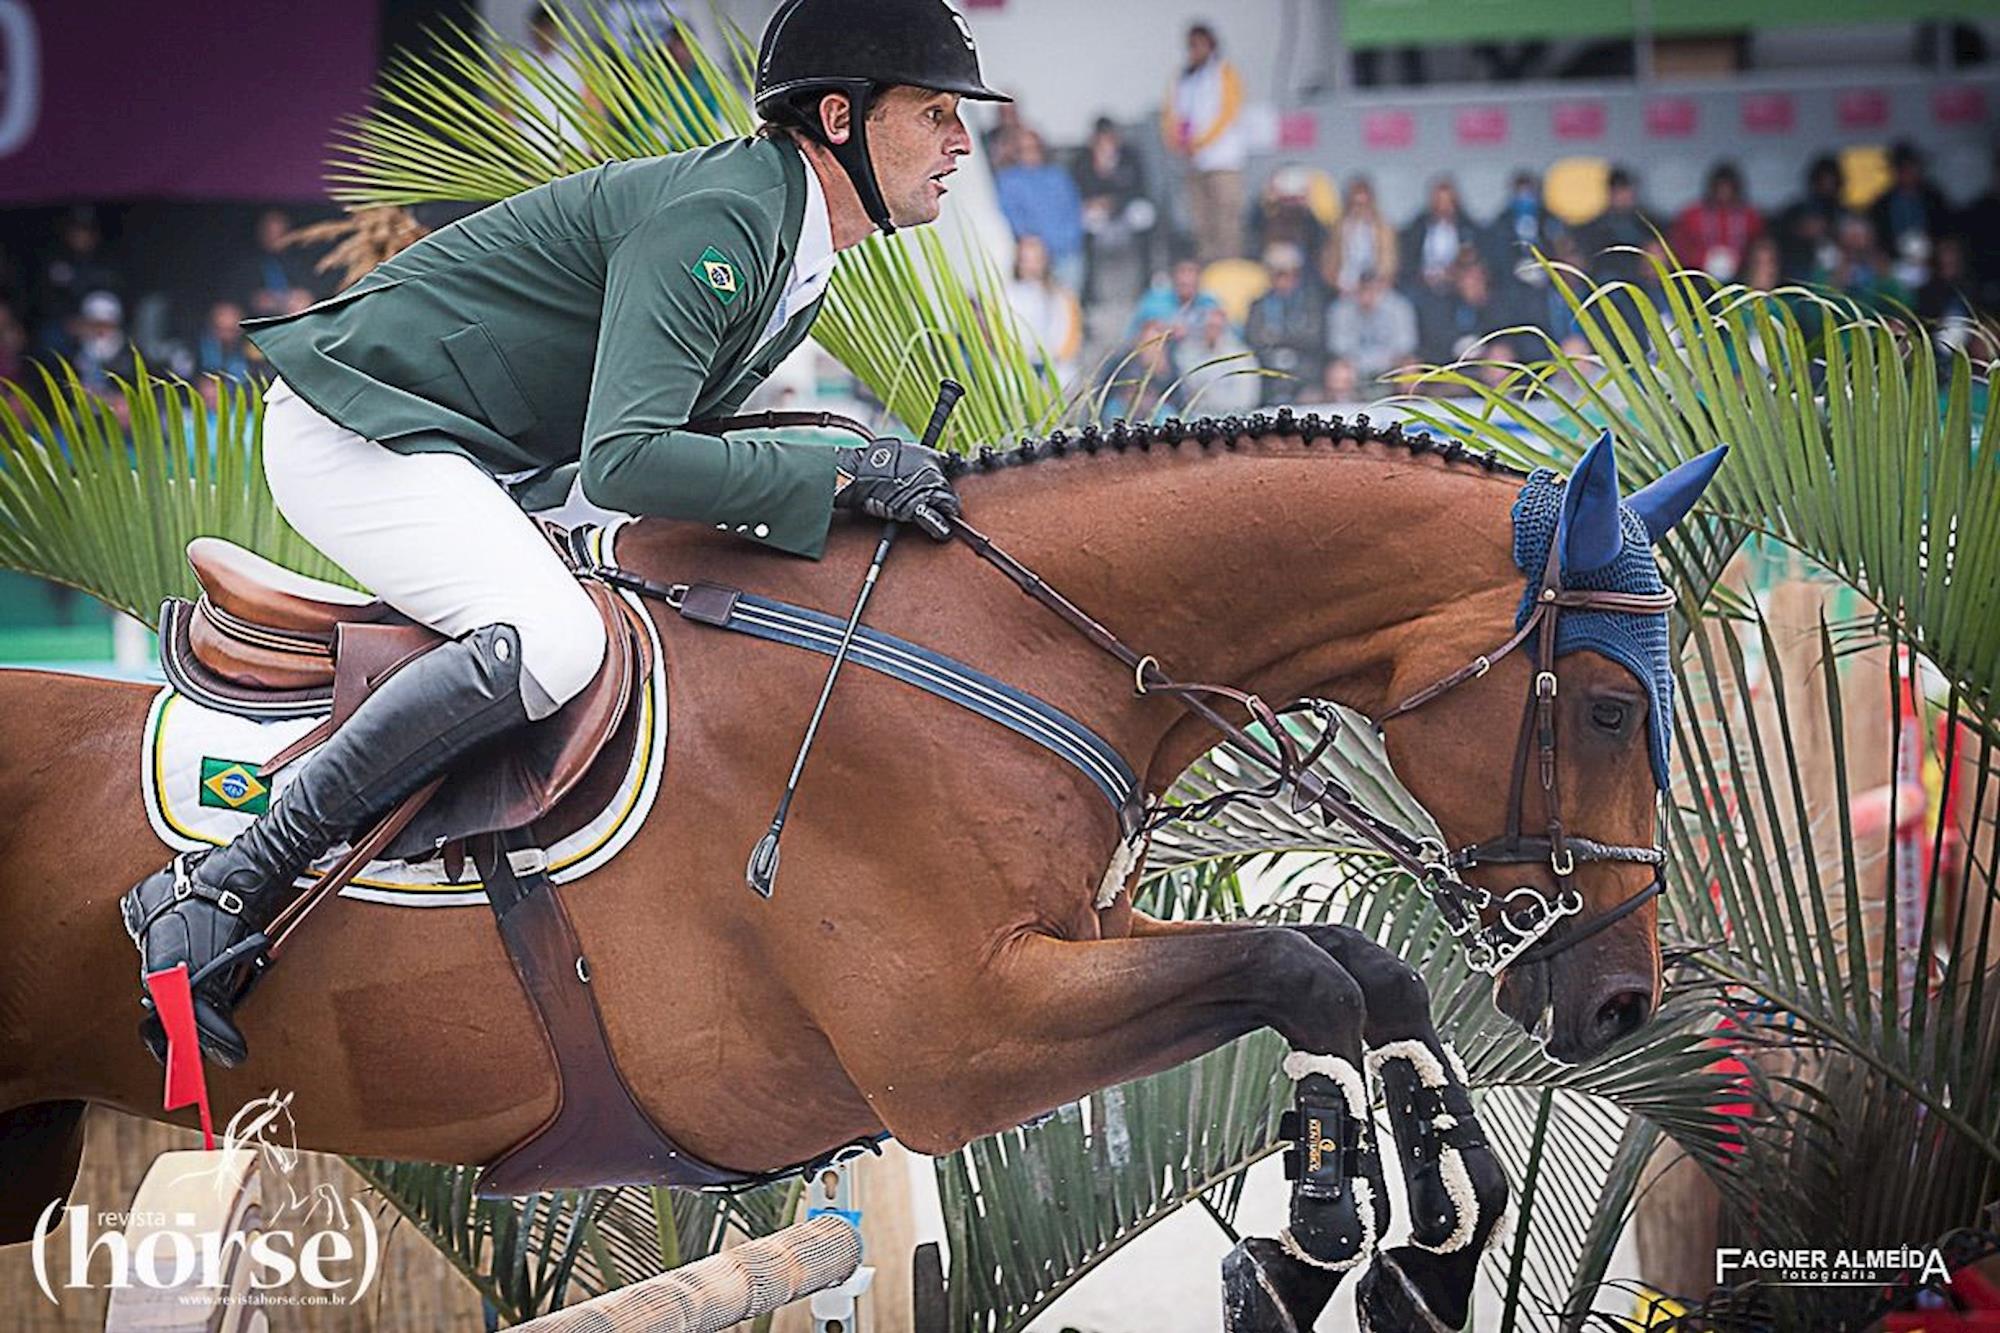 EDUARDO MENEZES/H5 CHAGANUS, EDUARDO MENEZES,  H5 CHAGANUS, Fagner Almeida/Revista Horse, Time Brasil dá grande salto para o pódio e à vaga da Olimpíada de Tóquio